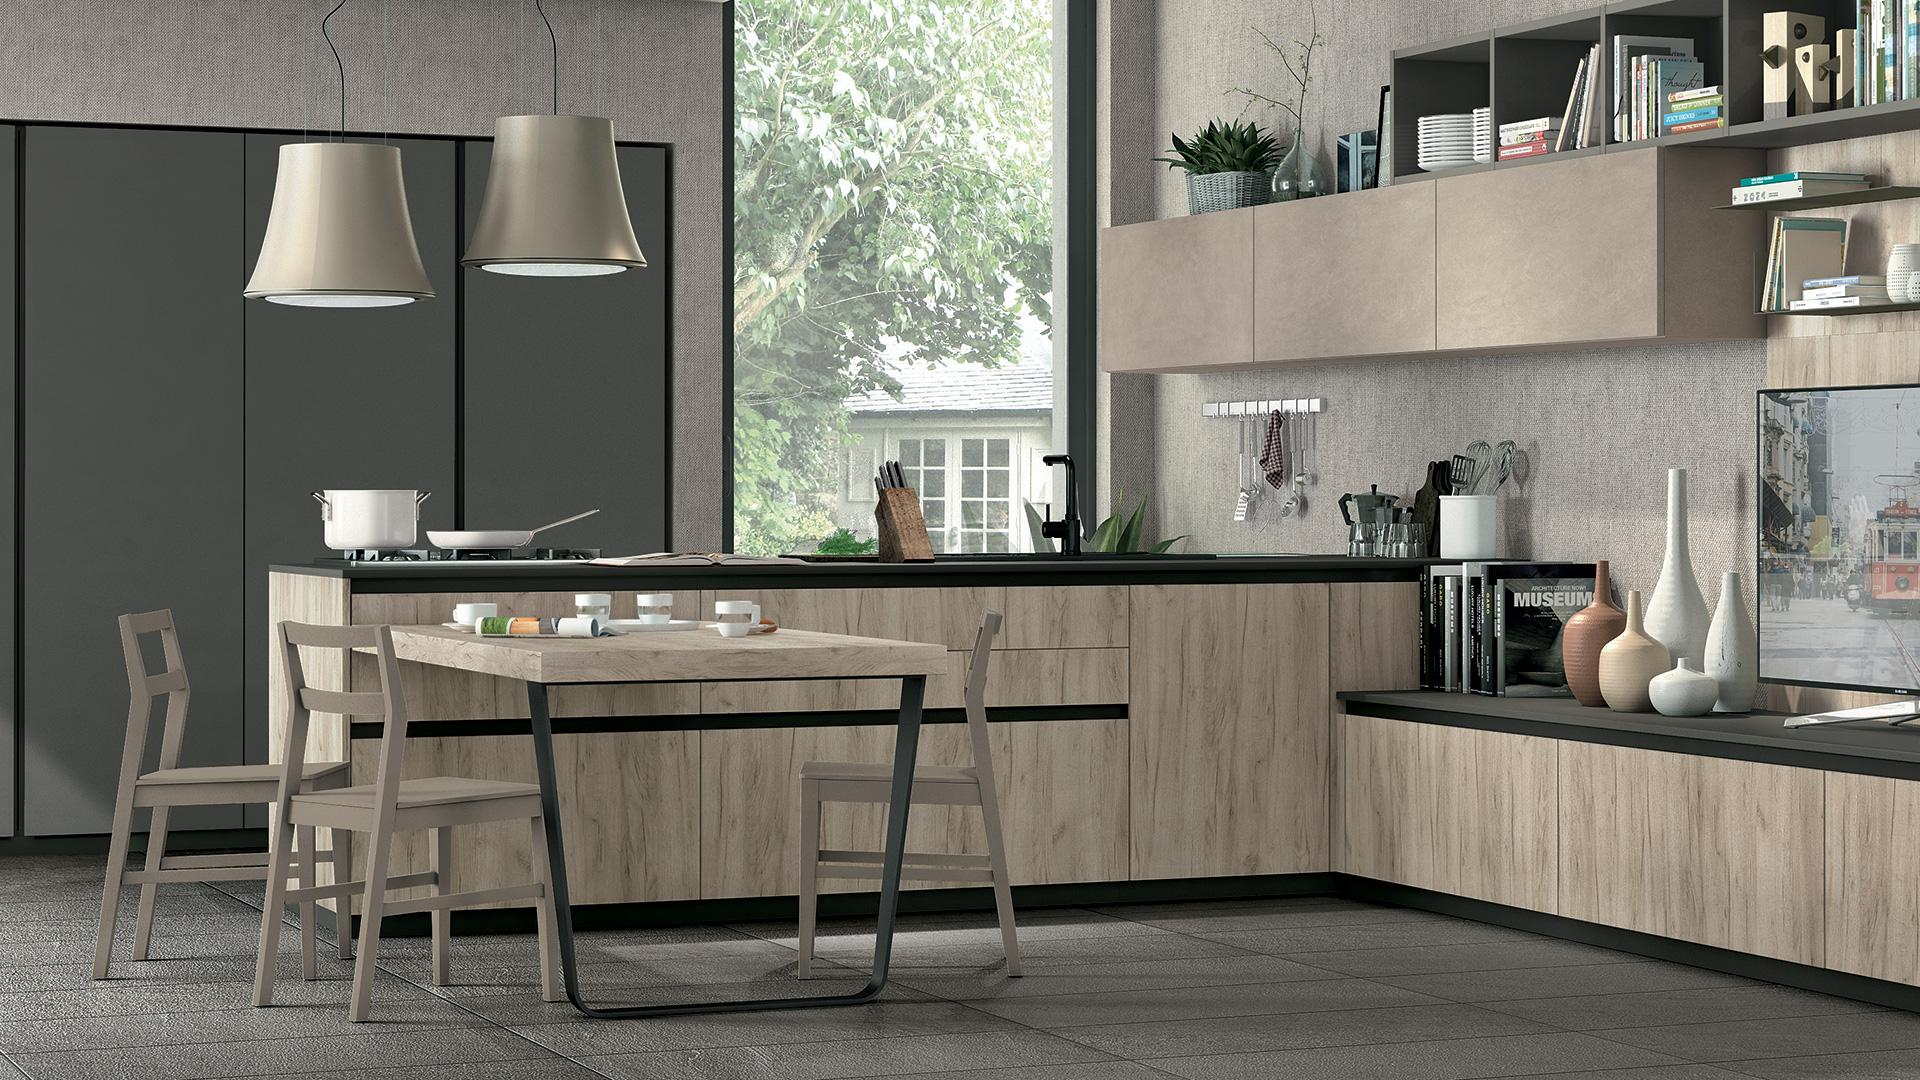 Catalogo Cucine Lube Moderne.Le Nuove Cucine Moderne Lube Store Milano Le Cucine Lube